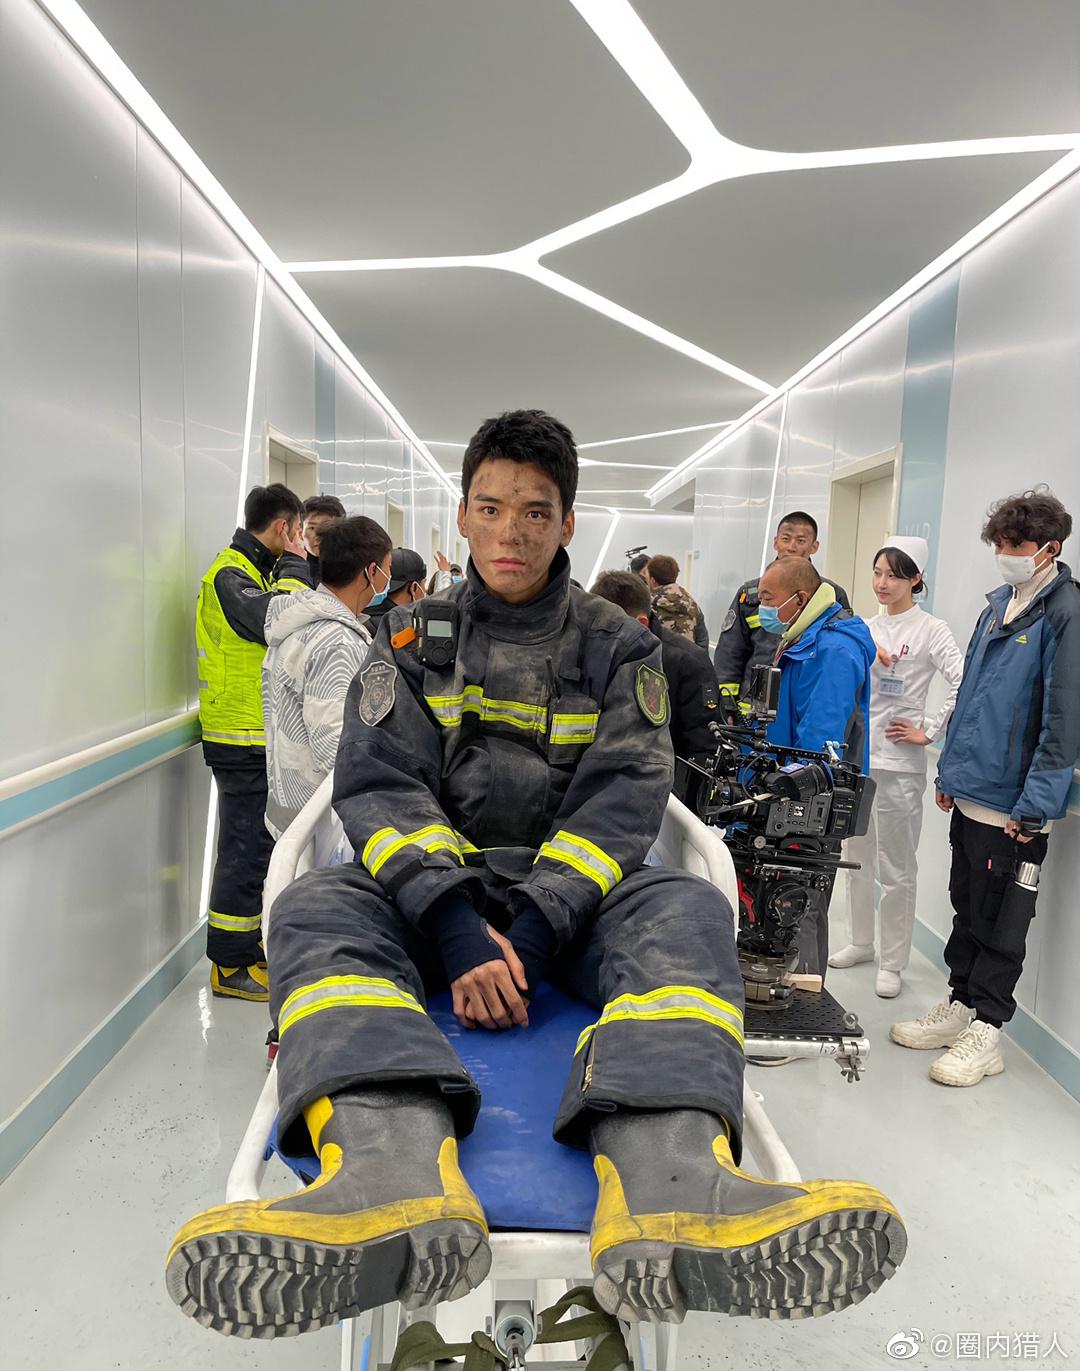 龚俊与张慧雯主演的《你好火焰蓝》豆瓣开分5.6分……